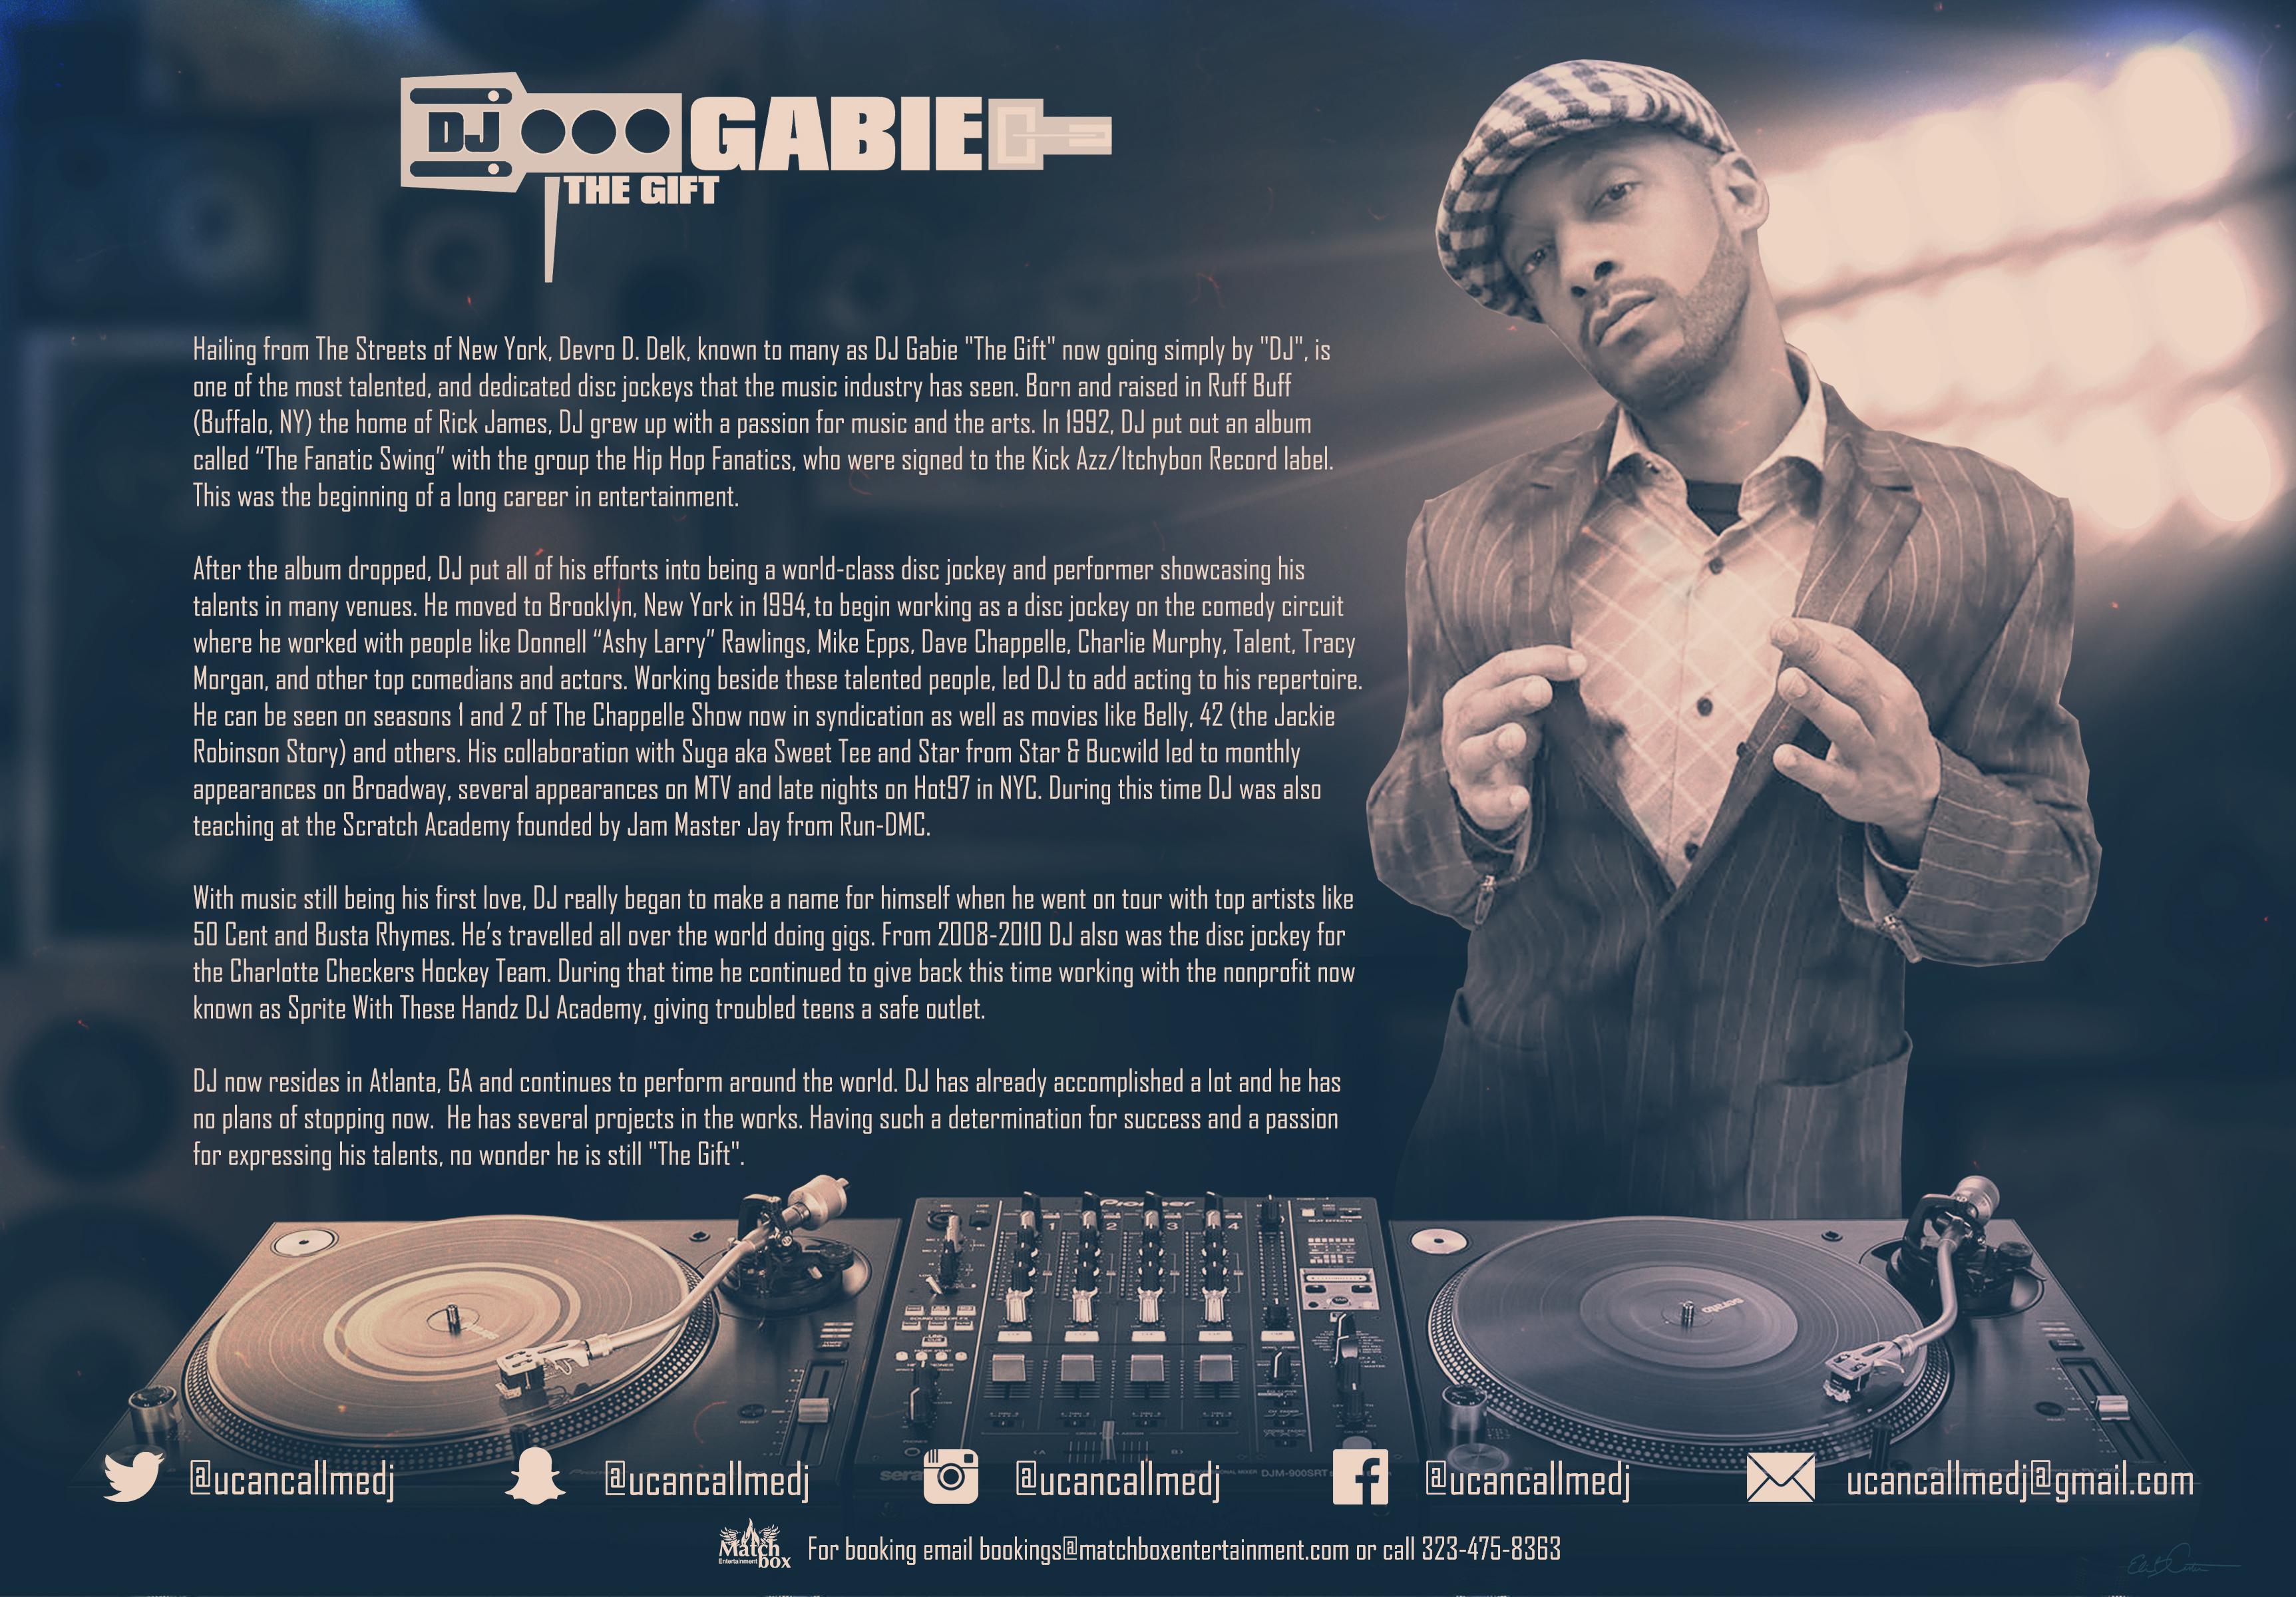 DJ Gabie